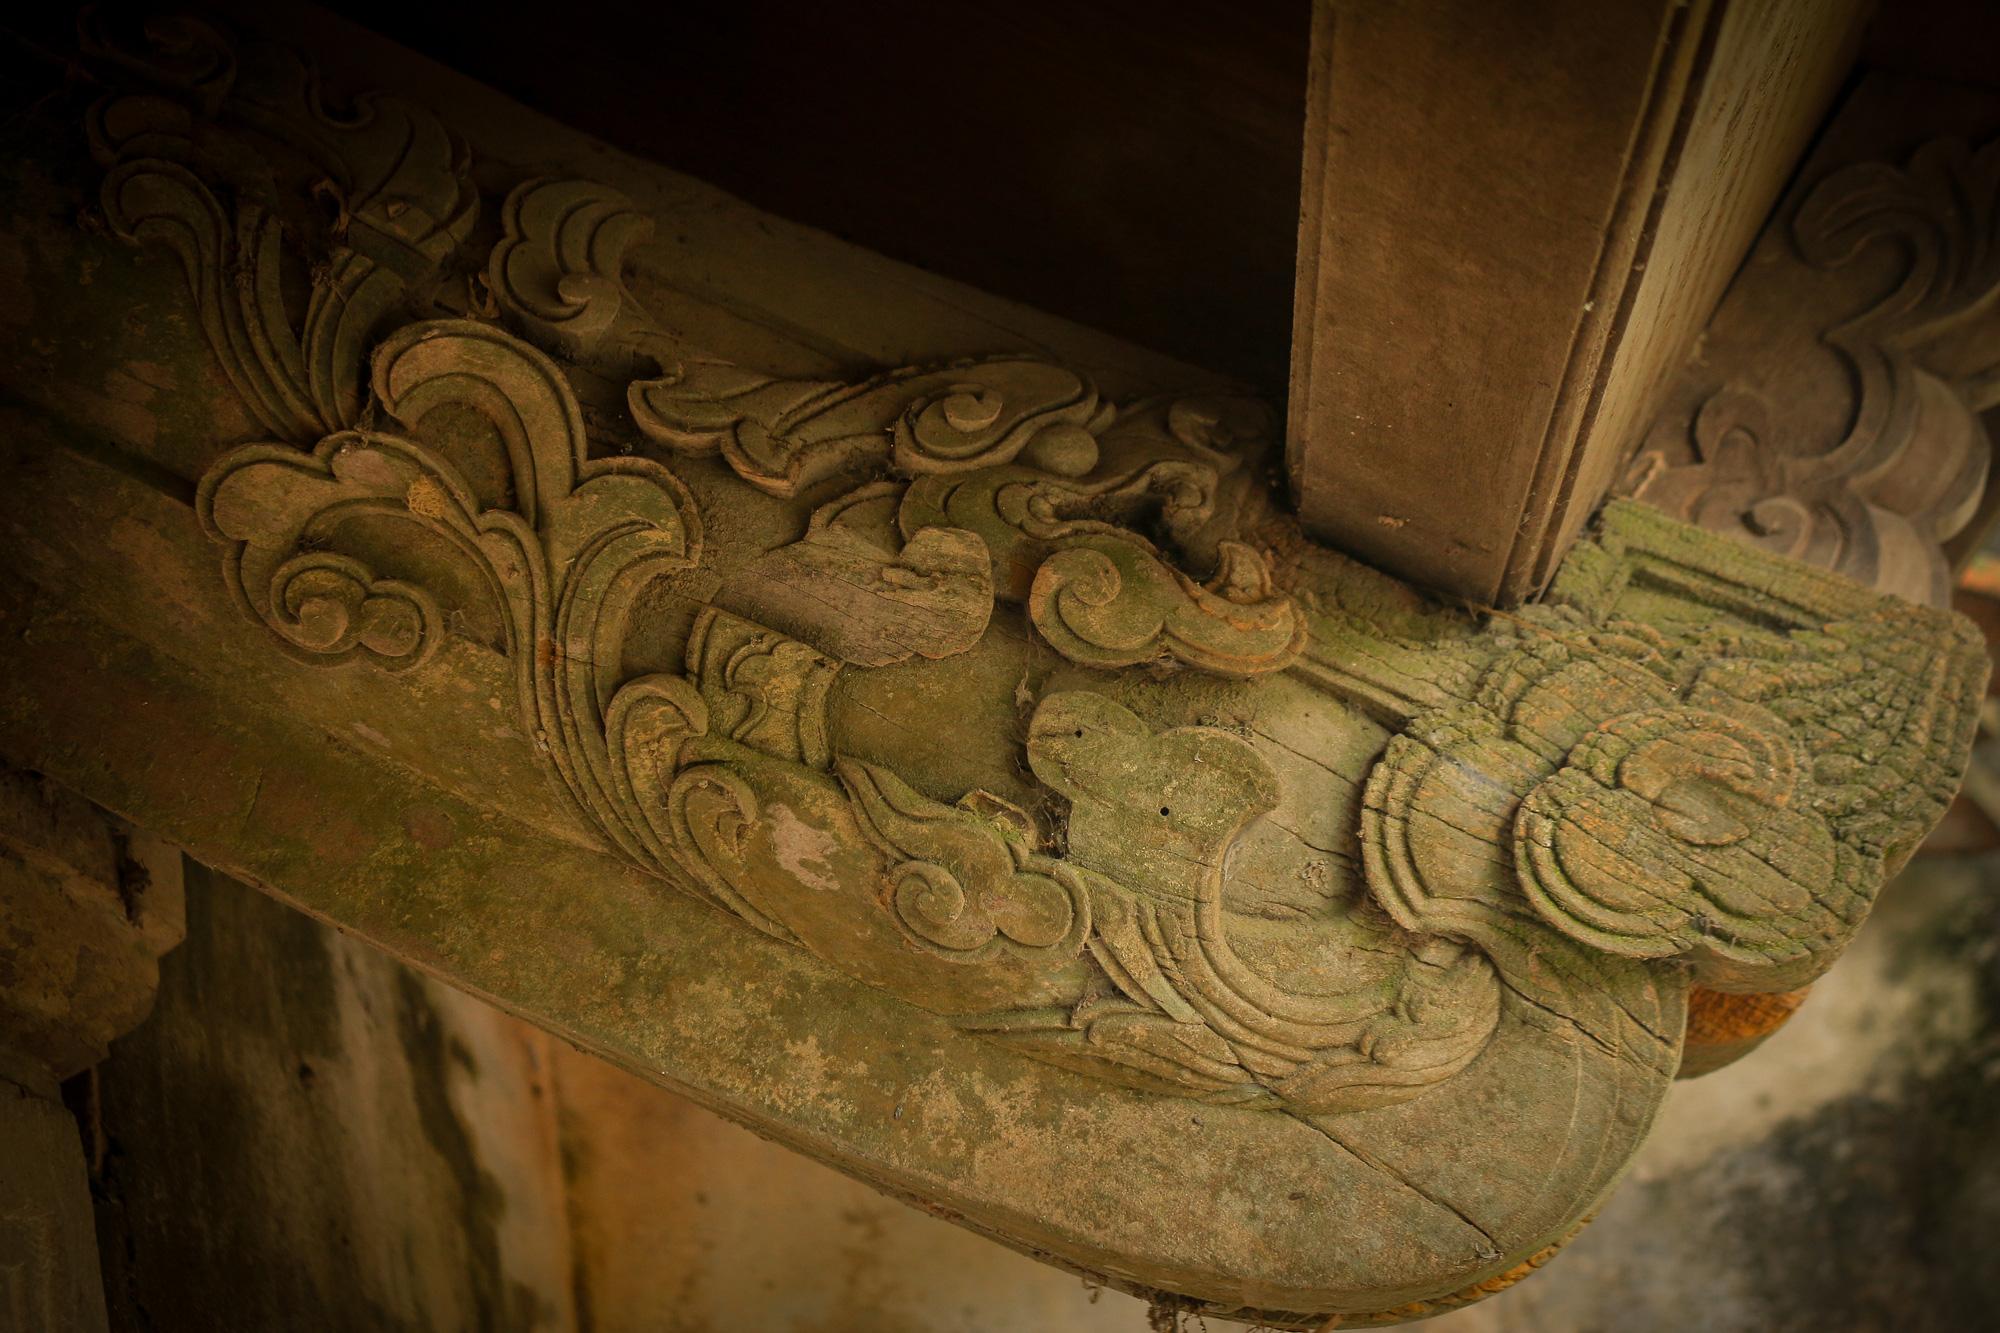 Đền đá Phú Đa: Nét kiến trúc độc đáo tồn tại hơn 300 năm lịch sử - Ảnh 14.